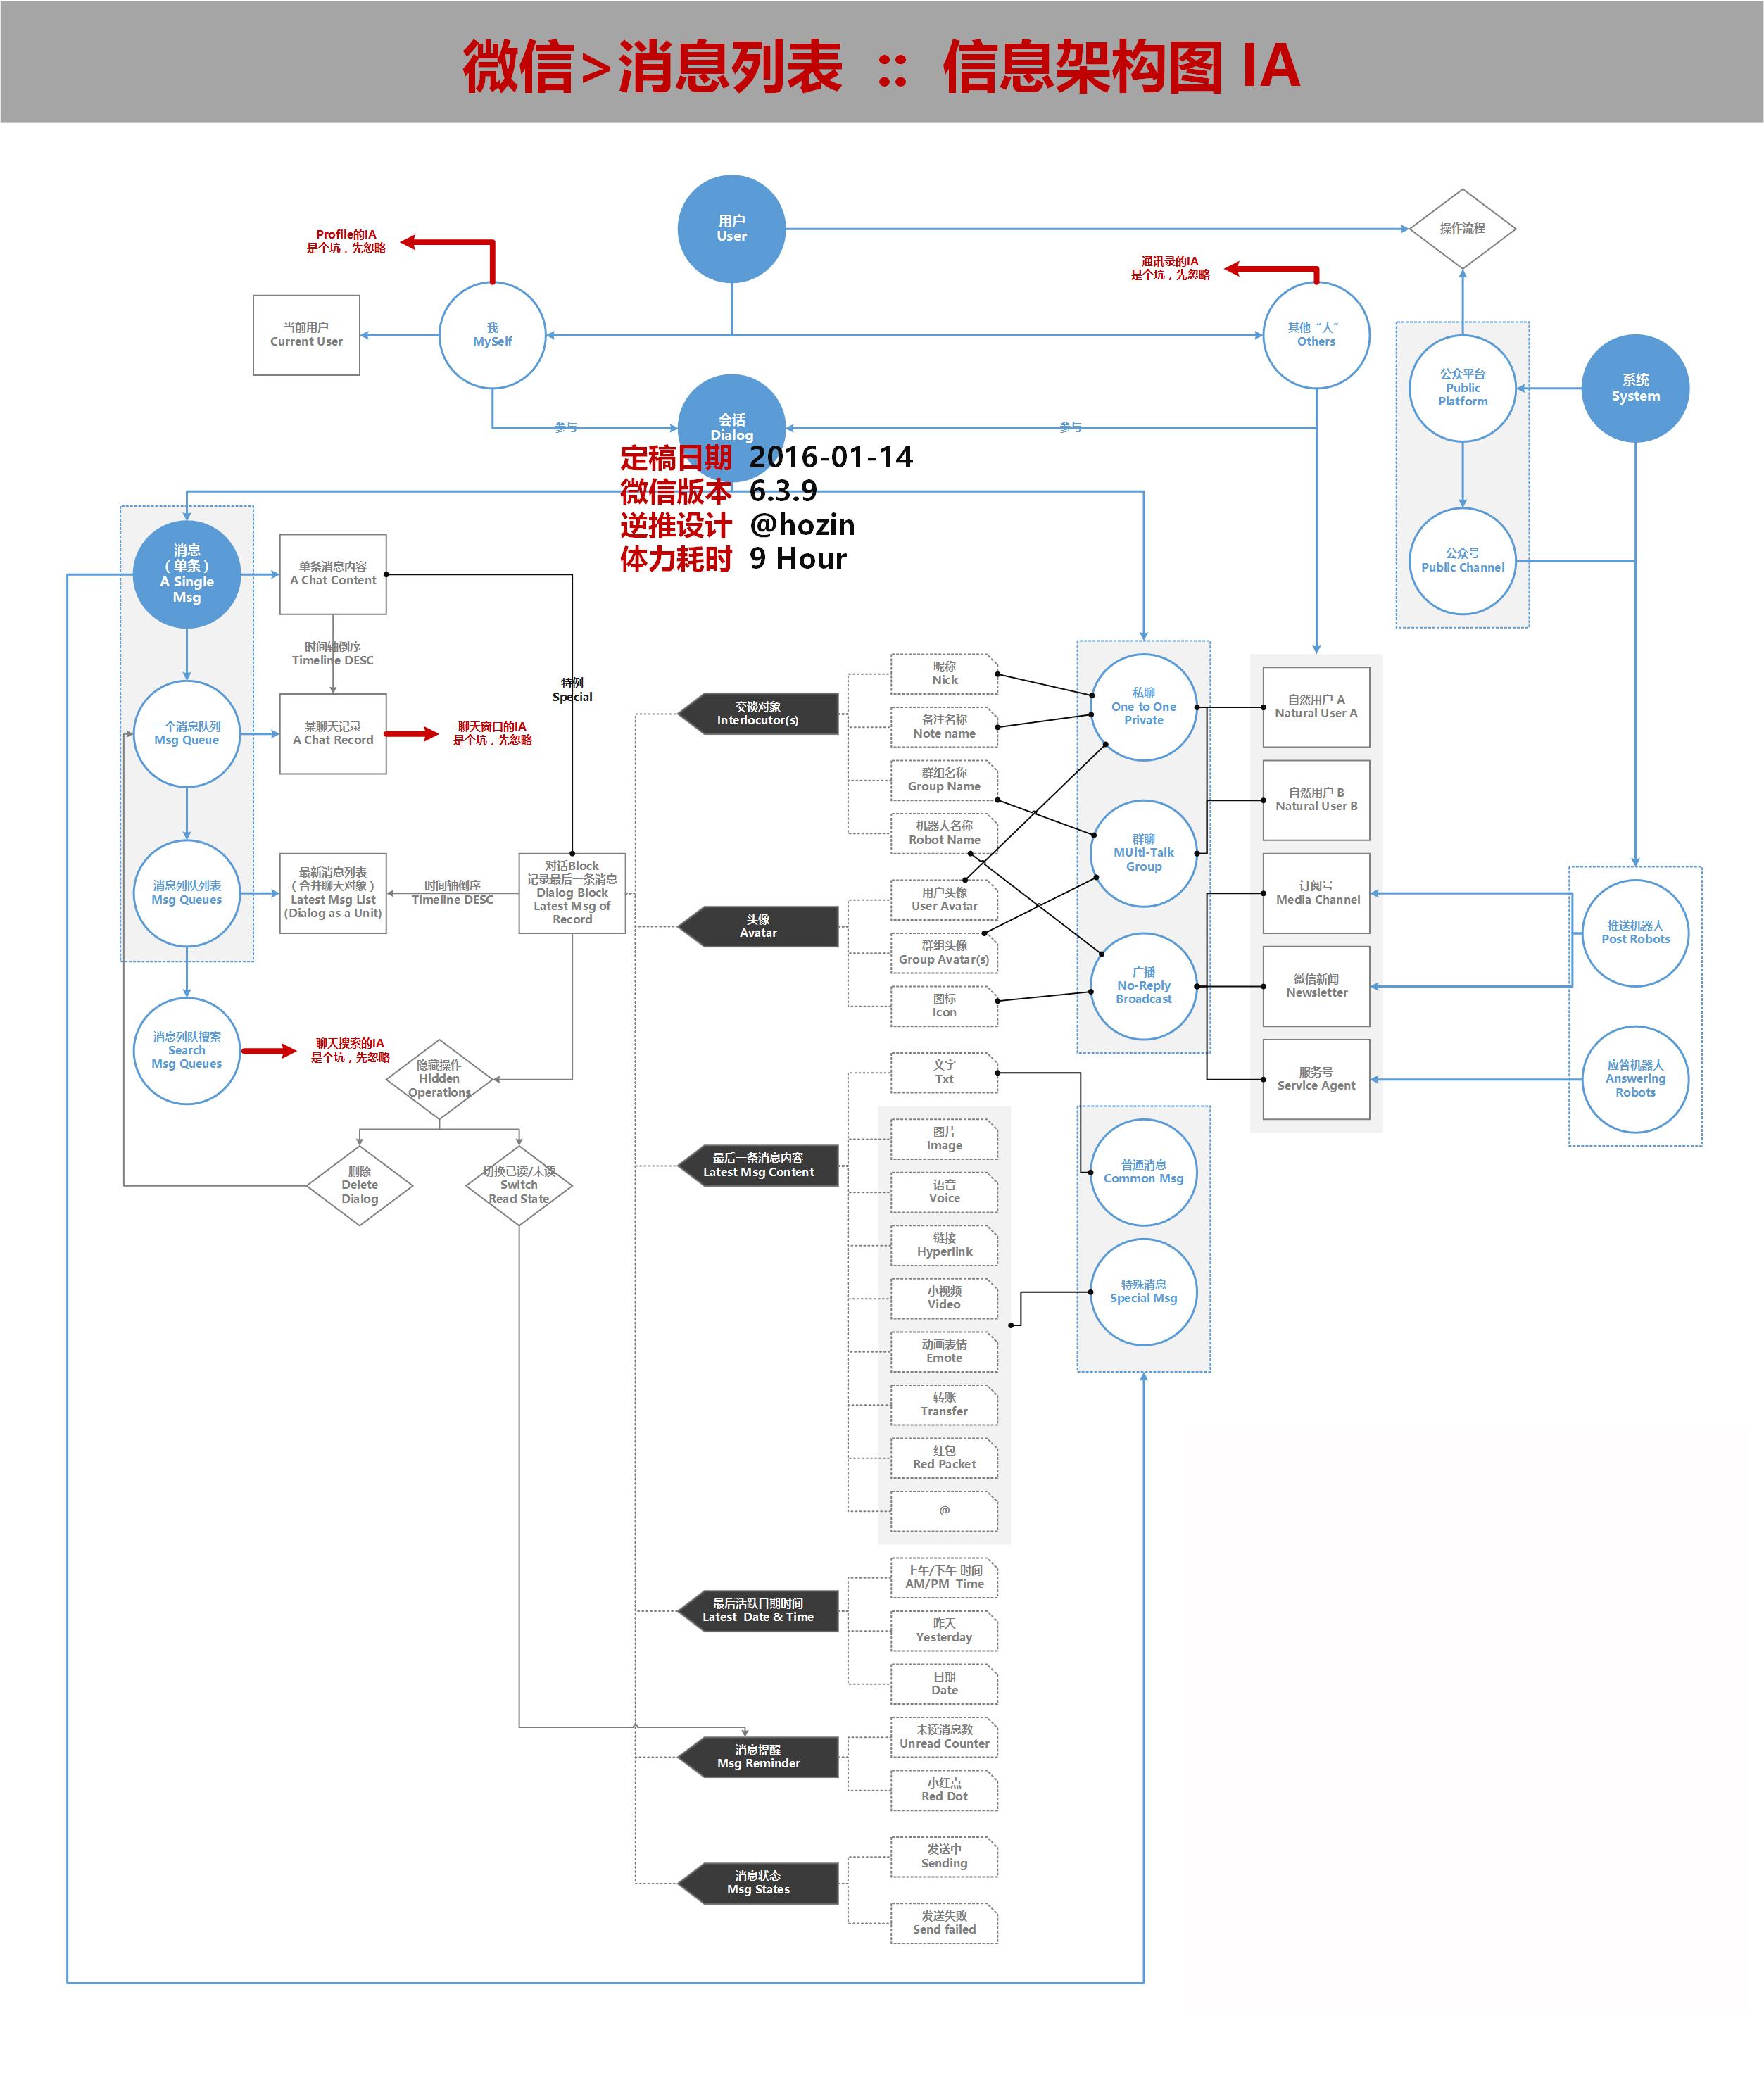 信息架构推演:微信消息列表的步骤细节 新手扫盲-产品